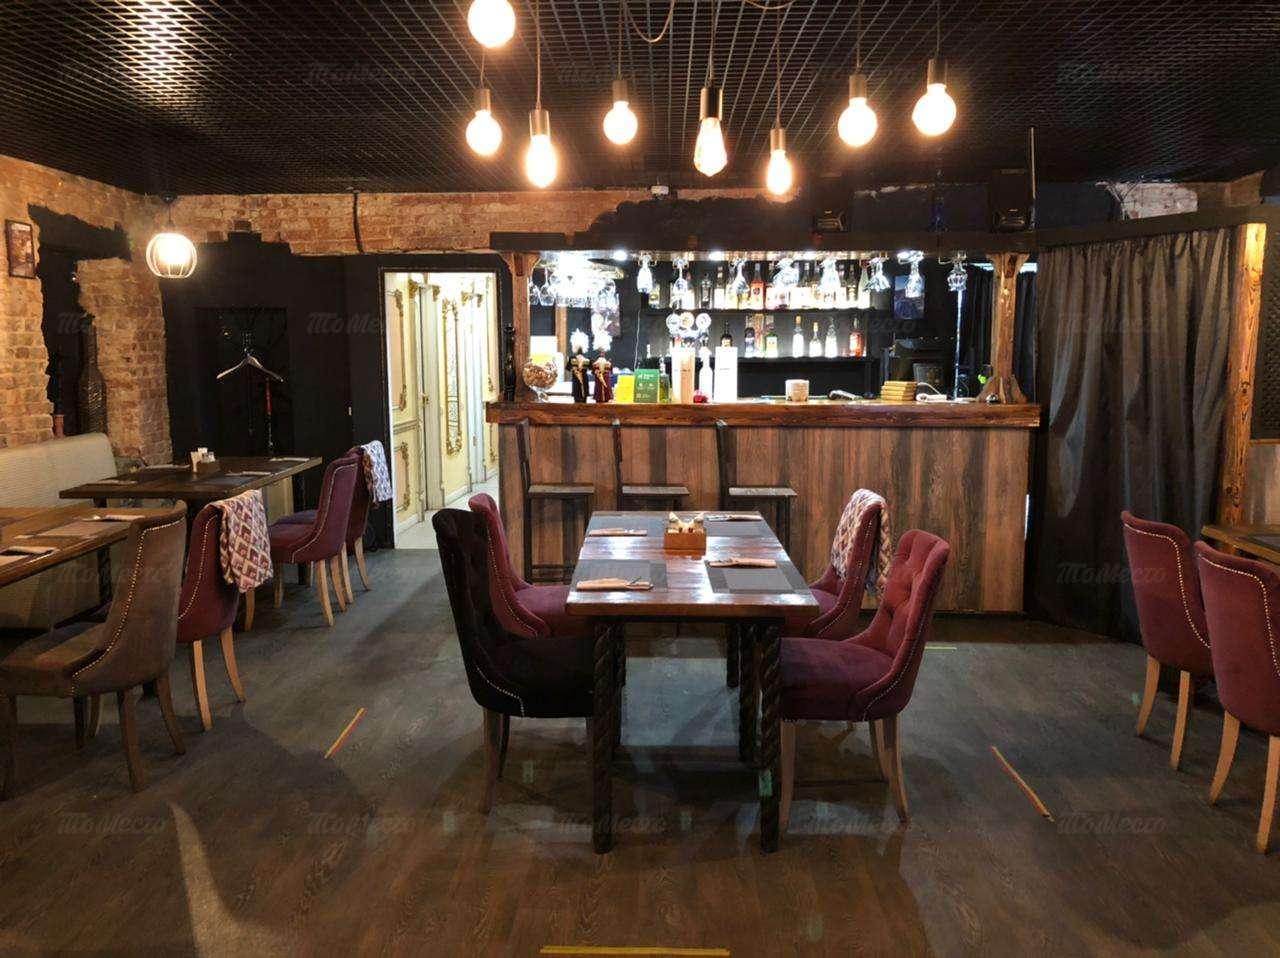 Кафе Мизандари (бывш. Дон Корлеоне) на Старой Басманной фото 2